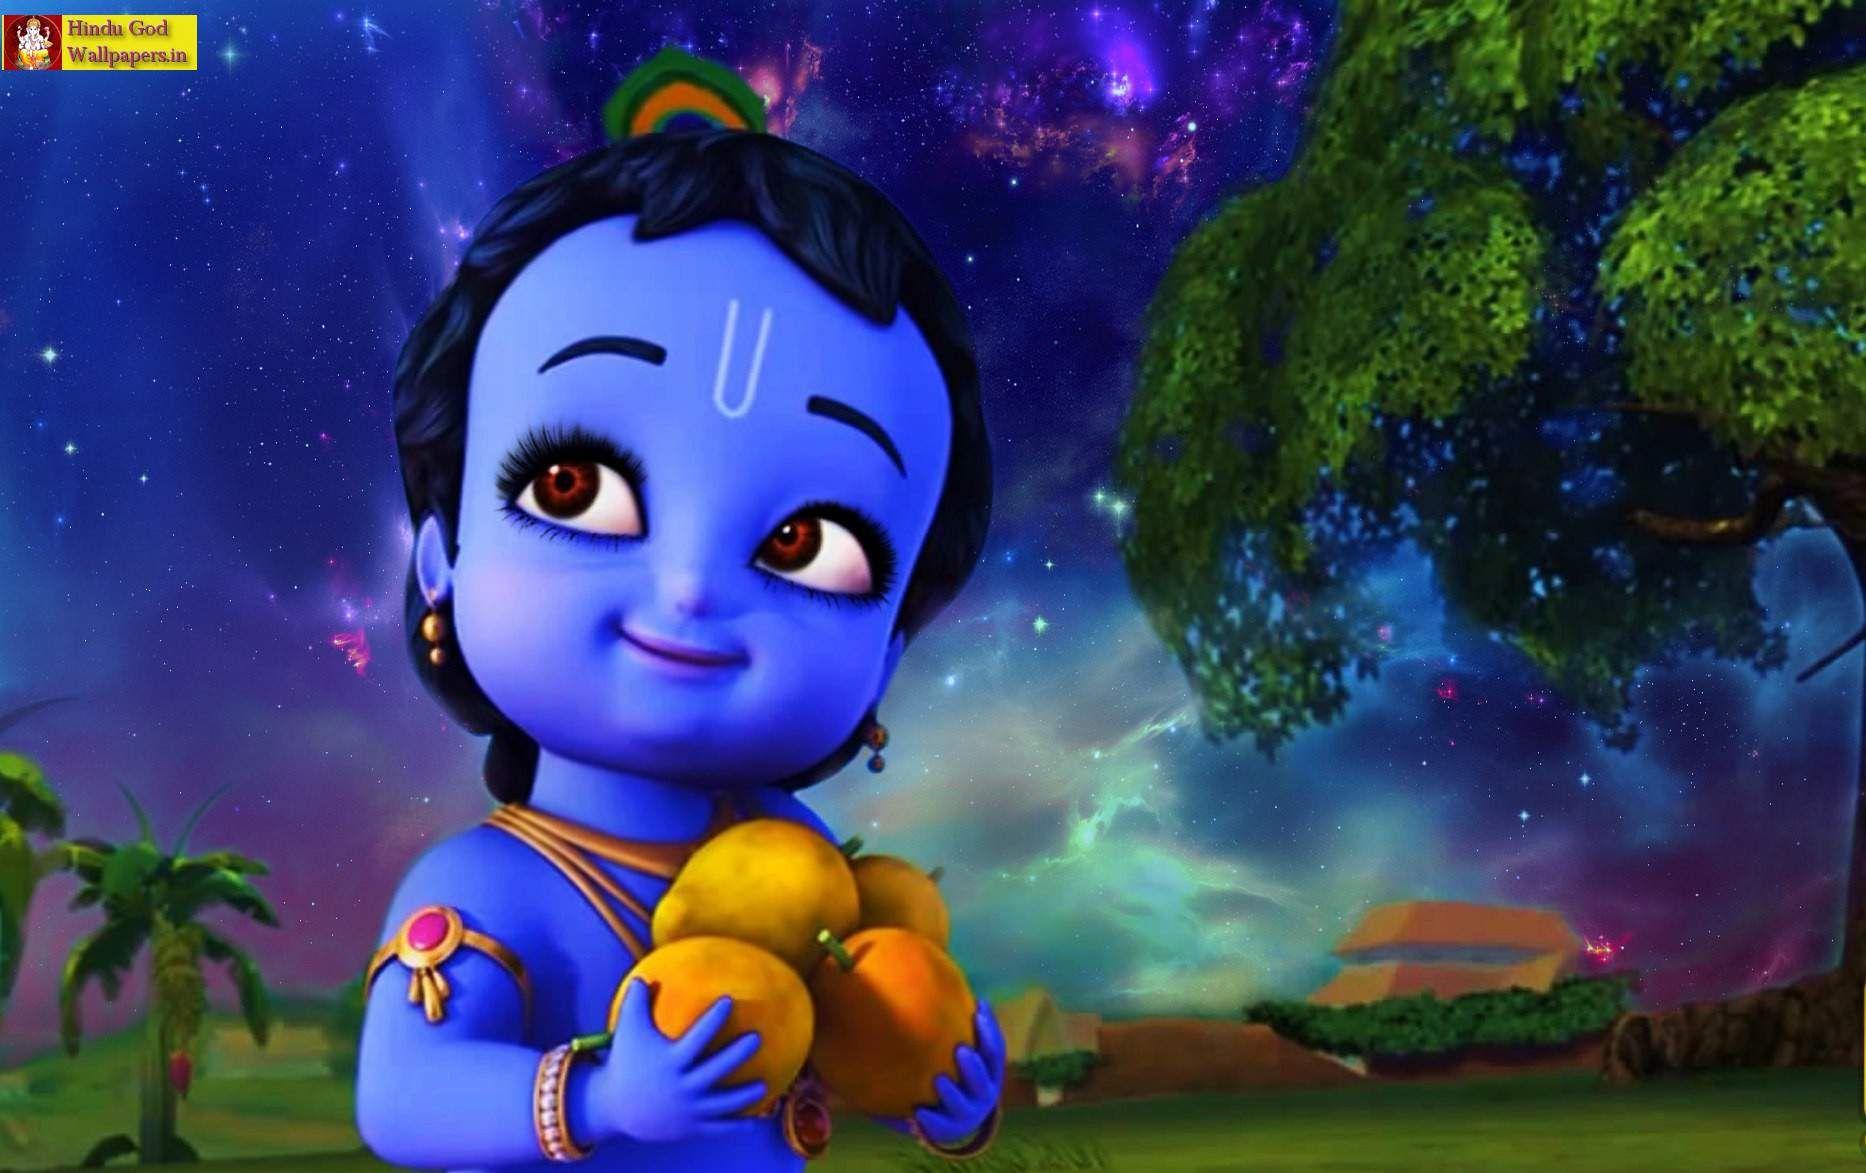 God Krishna Wallpaper God Krishna Hare Krishna Hindu Gods Wallpaper Little Krishna Lord Krishna Hd Wallpaper Bal Krishna